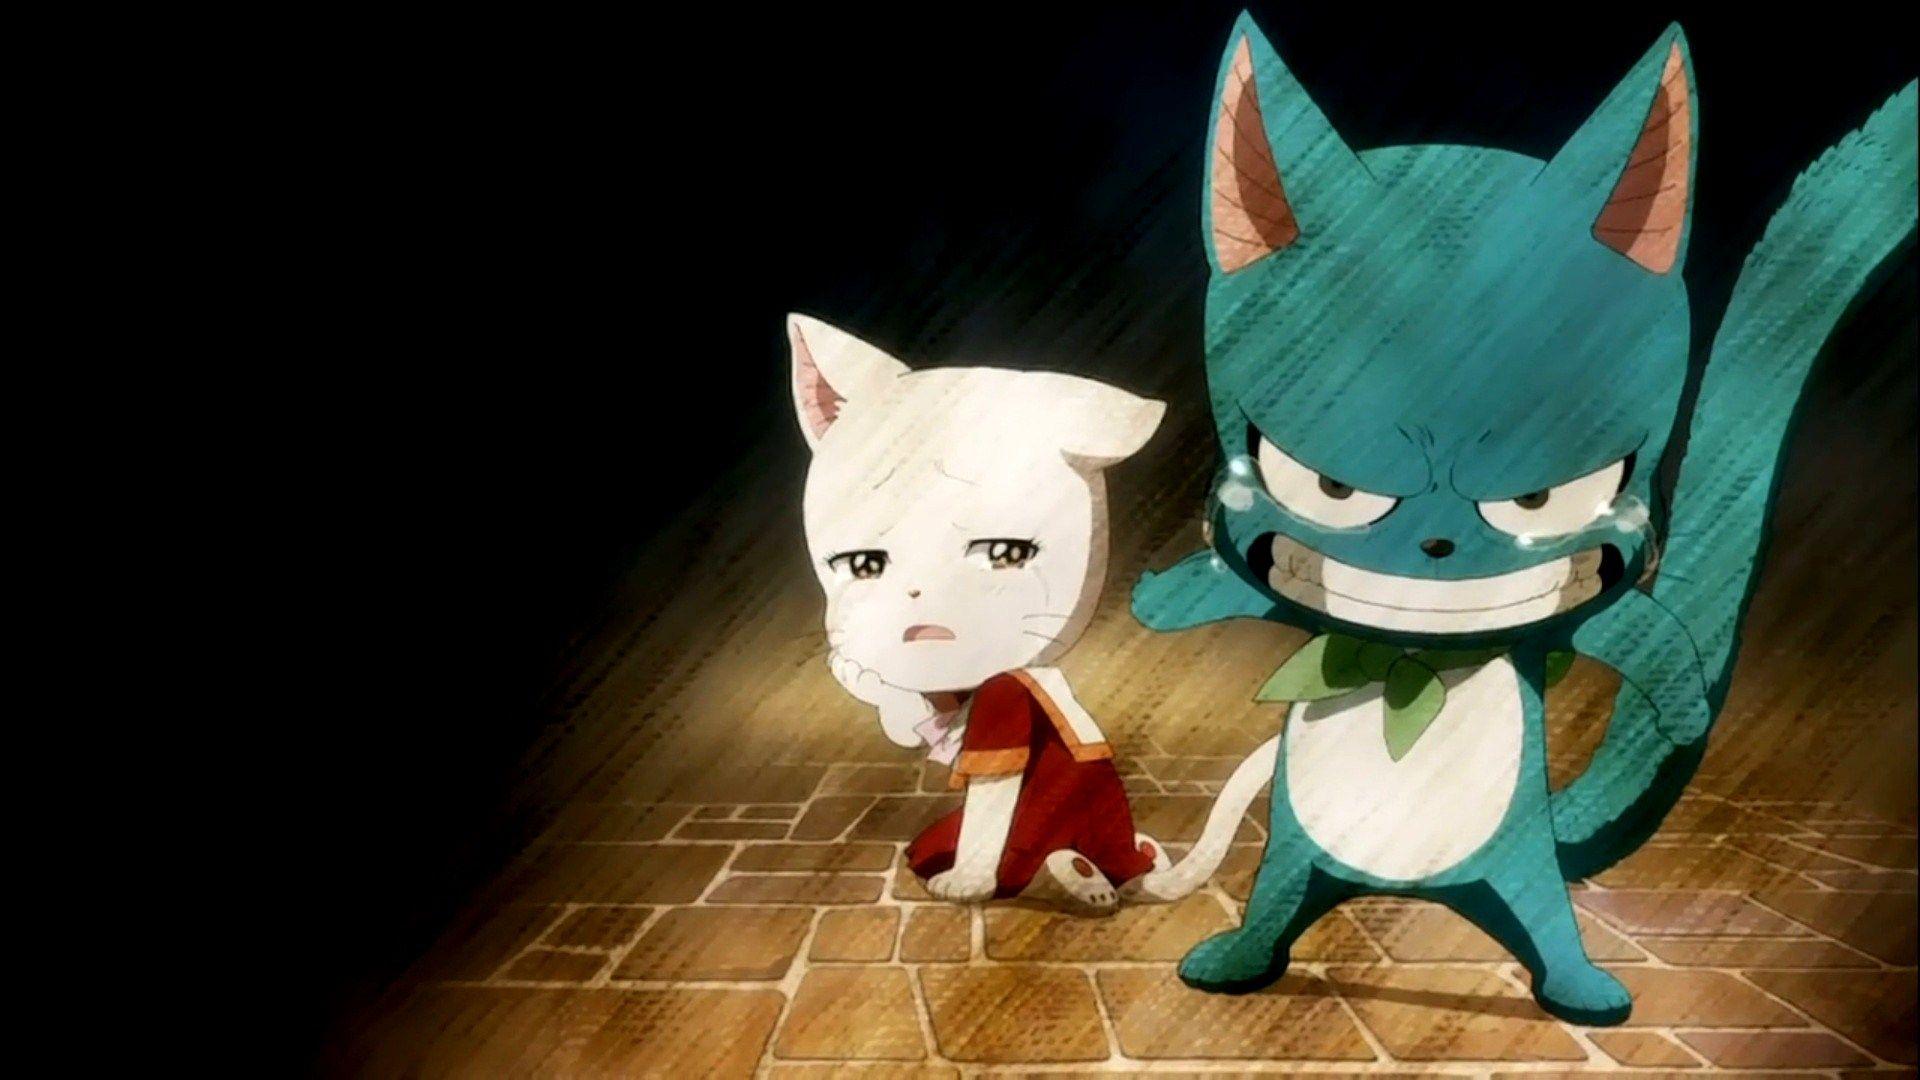 Fairy Tail Wallpaper 7875 1920x1080 Px Hdwallsource Com Fairy Tail Happy Fairy Tail Anime Fairy Tail Couples